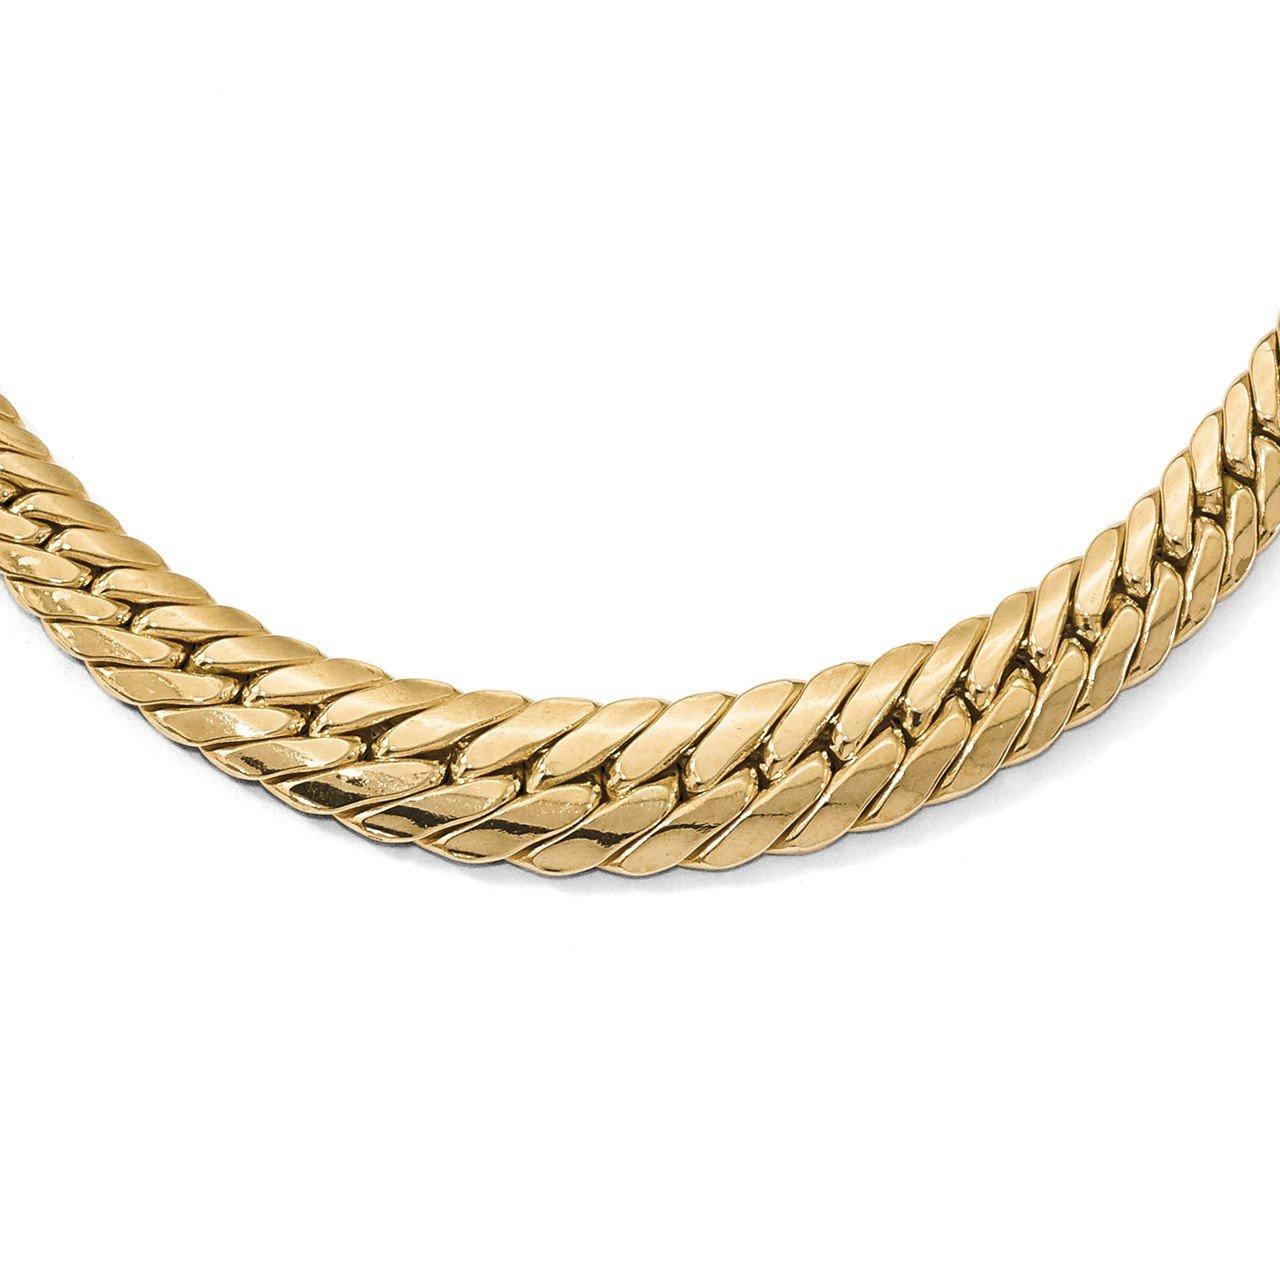 Leslie's 14K Polished Graduated Fancy Link Necklace